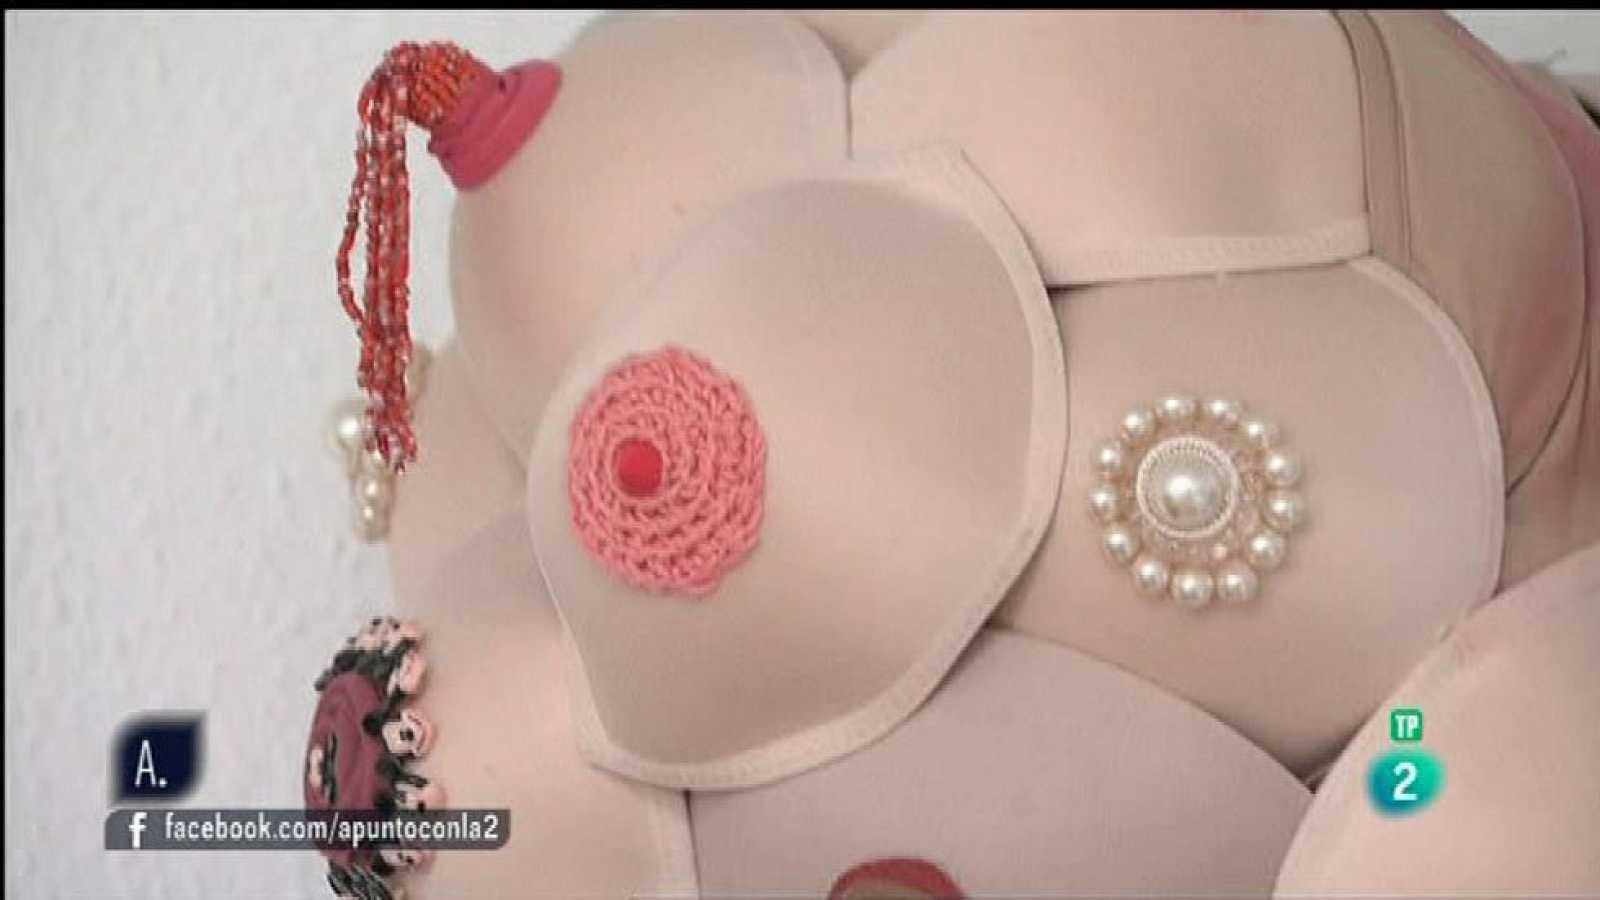 A punto con La 2 - Reciclando - Diseño de ropa feminista: bolso-sujetador